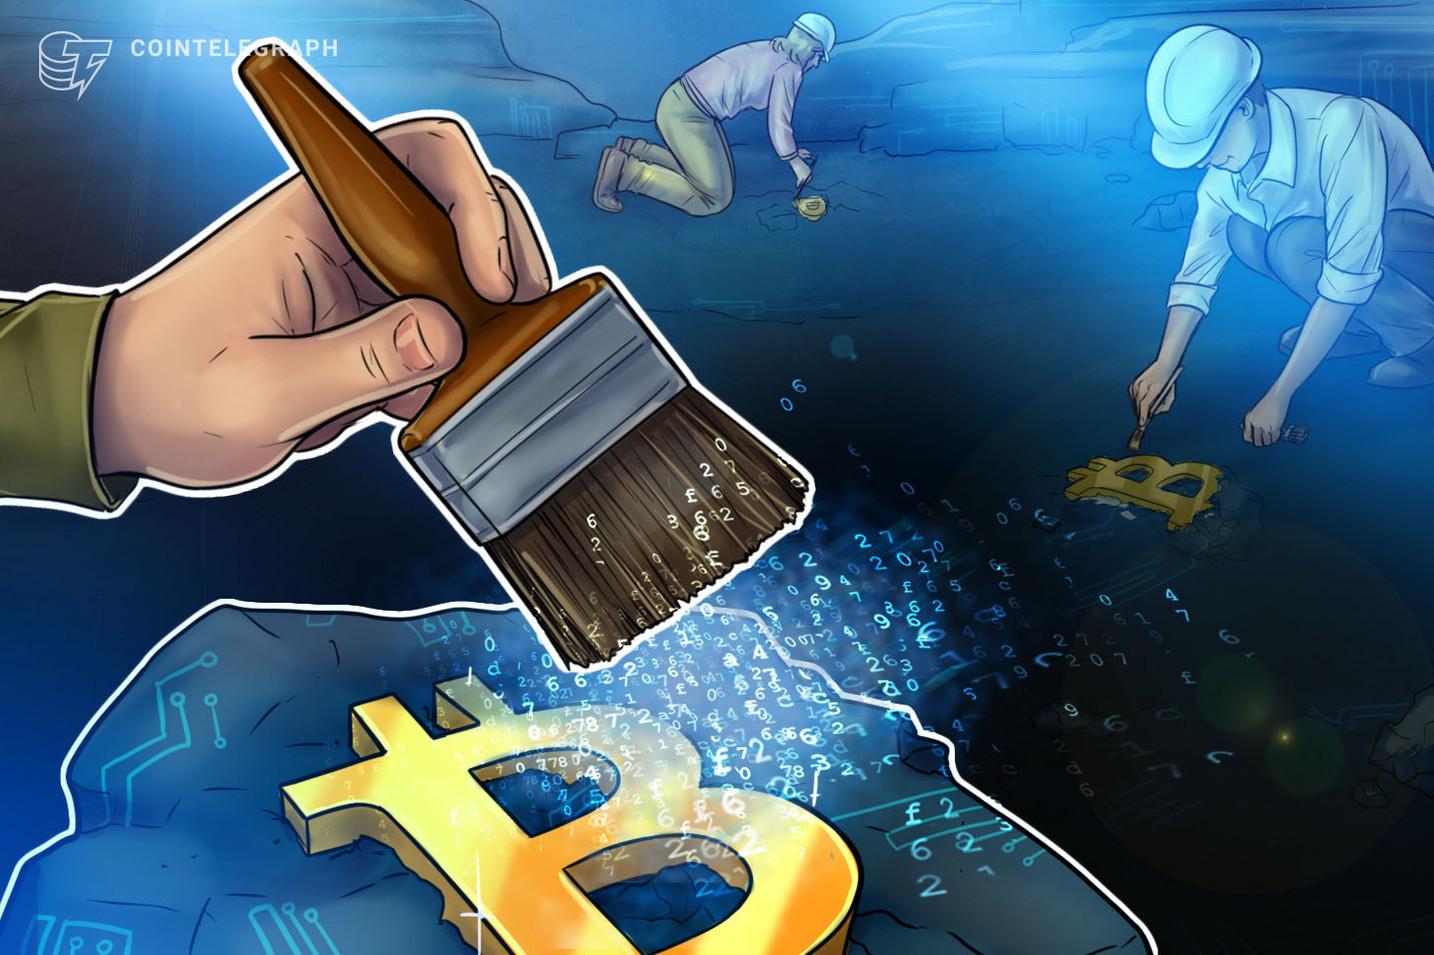 ¿Se avecina una caída de la dificultad de la  minería aún mayor? 5 cosas a tener en cuenta sobre Bitcoin esta semana